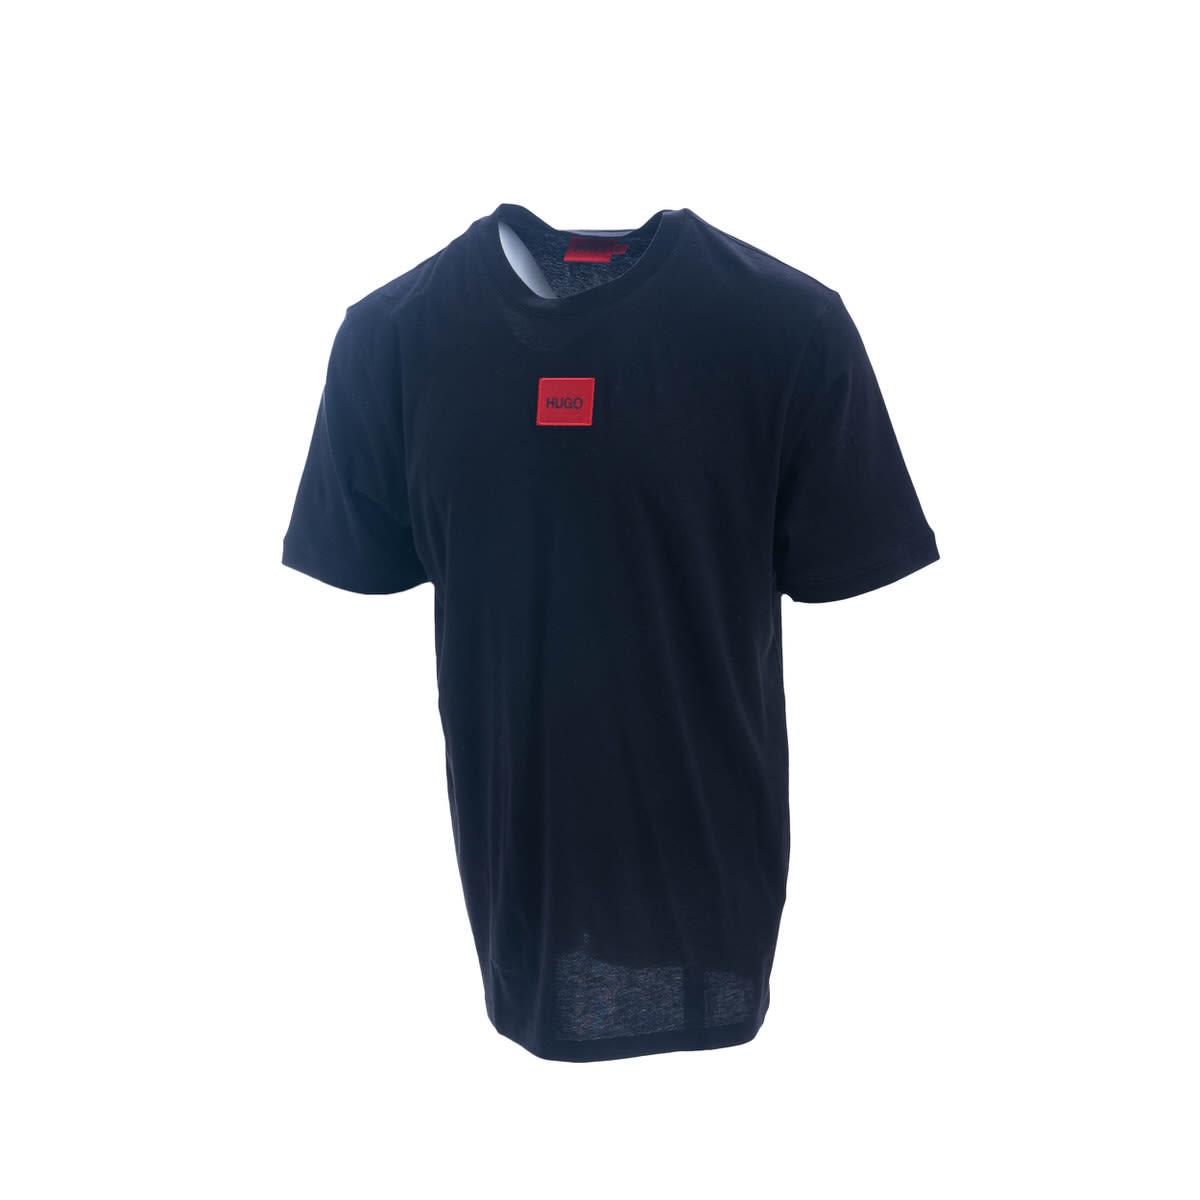 Boss T-shirt In Cotton Blend